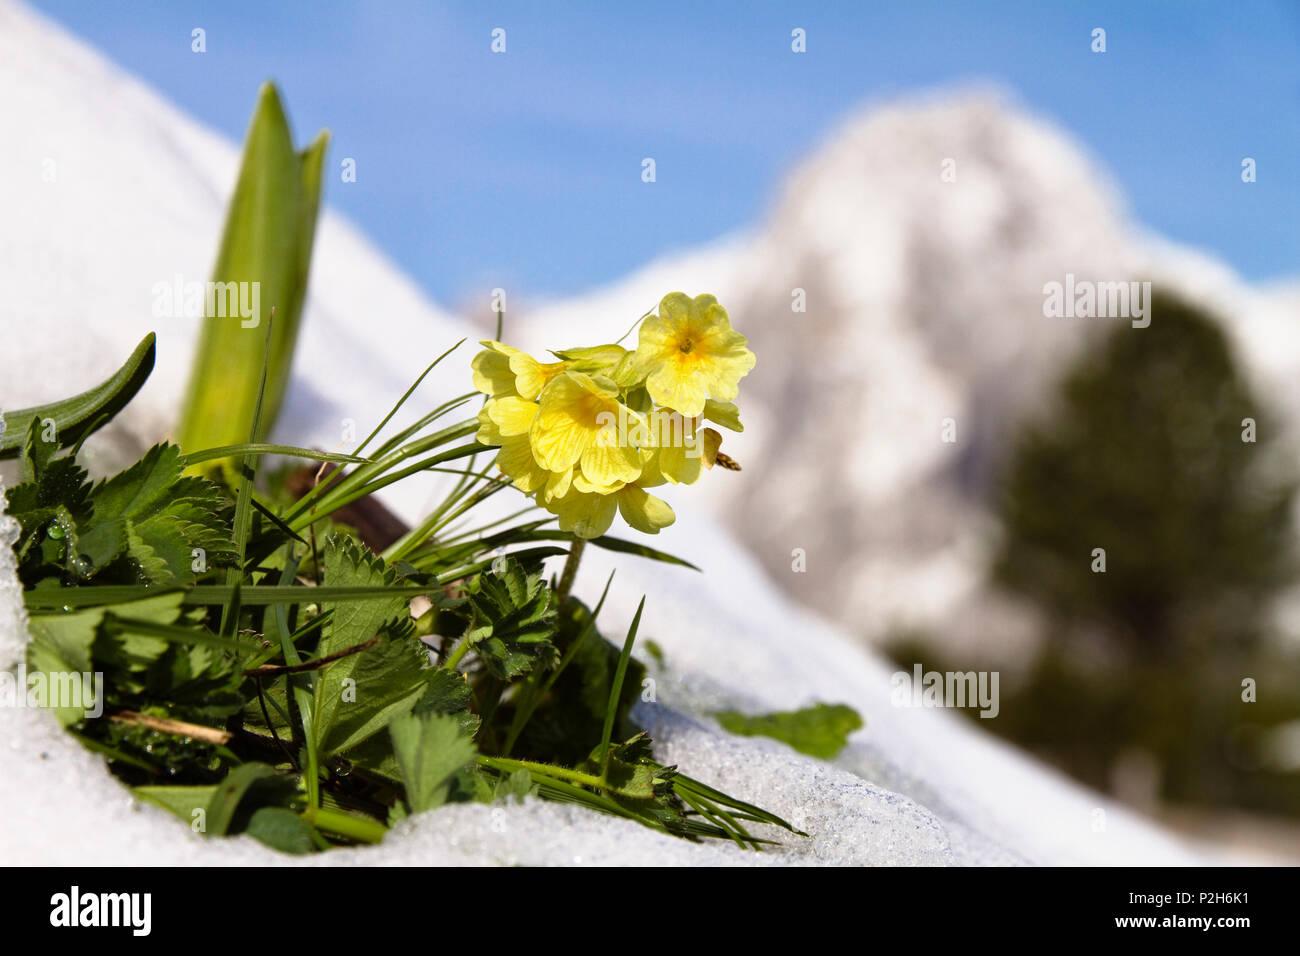 Coucou bleu dans la neige, Primula elatior, Alpes, Upper Bavaria, Germany, Europe Photo Stock